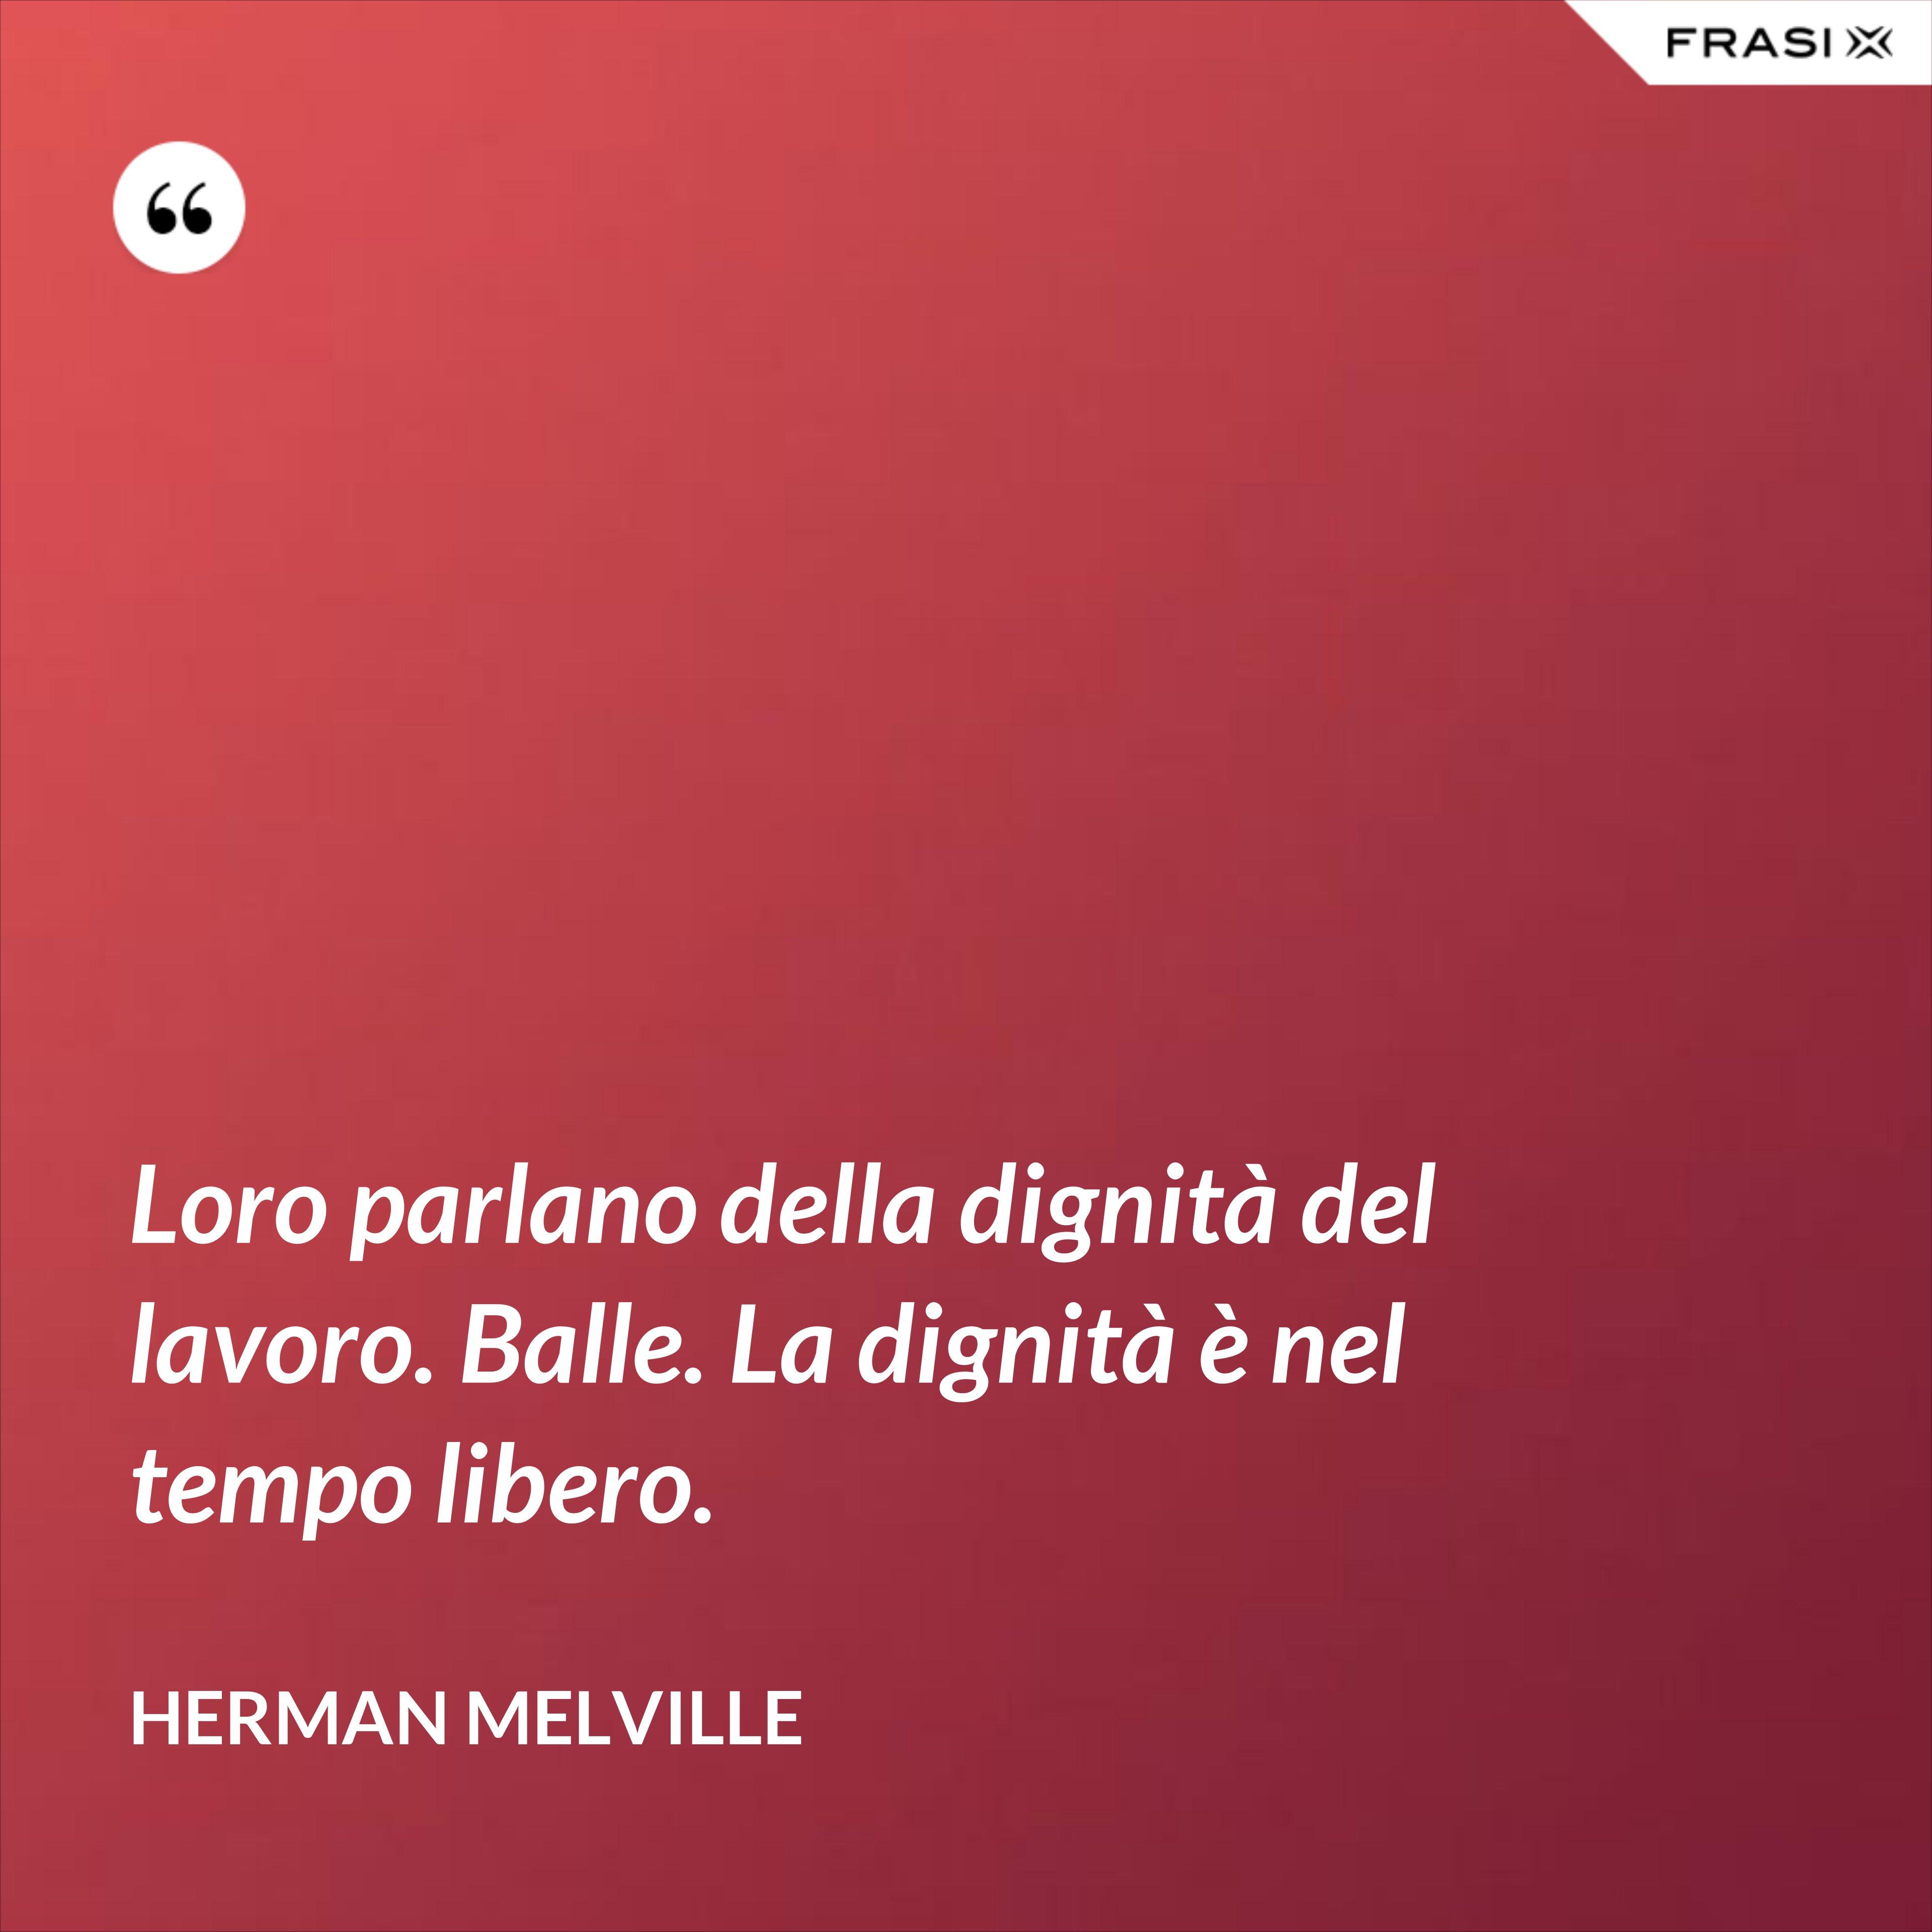 Loro parlano della dignità del lavoro. Balle. La dignità è nel tempo libero. - Herman Melville